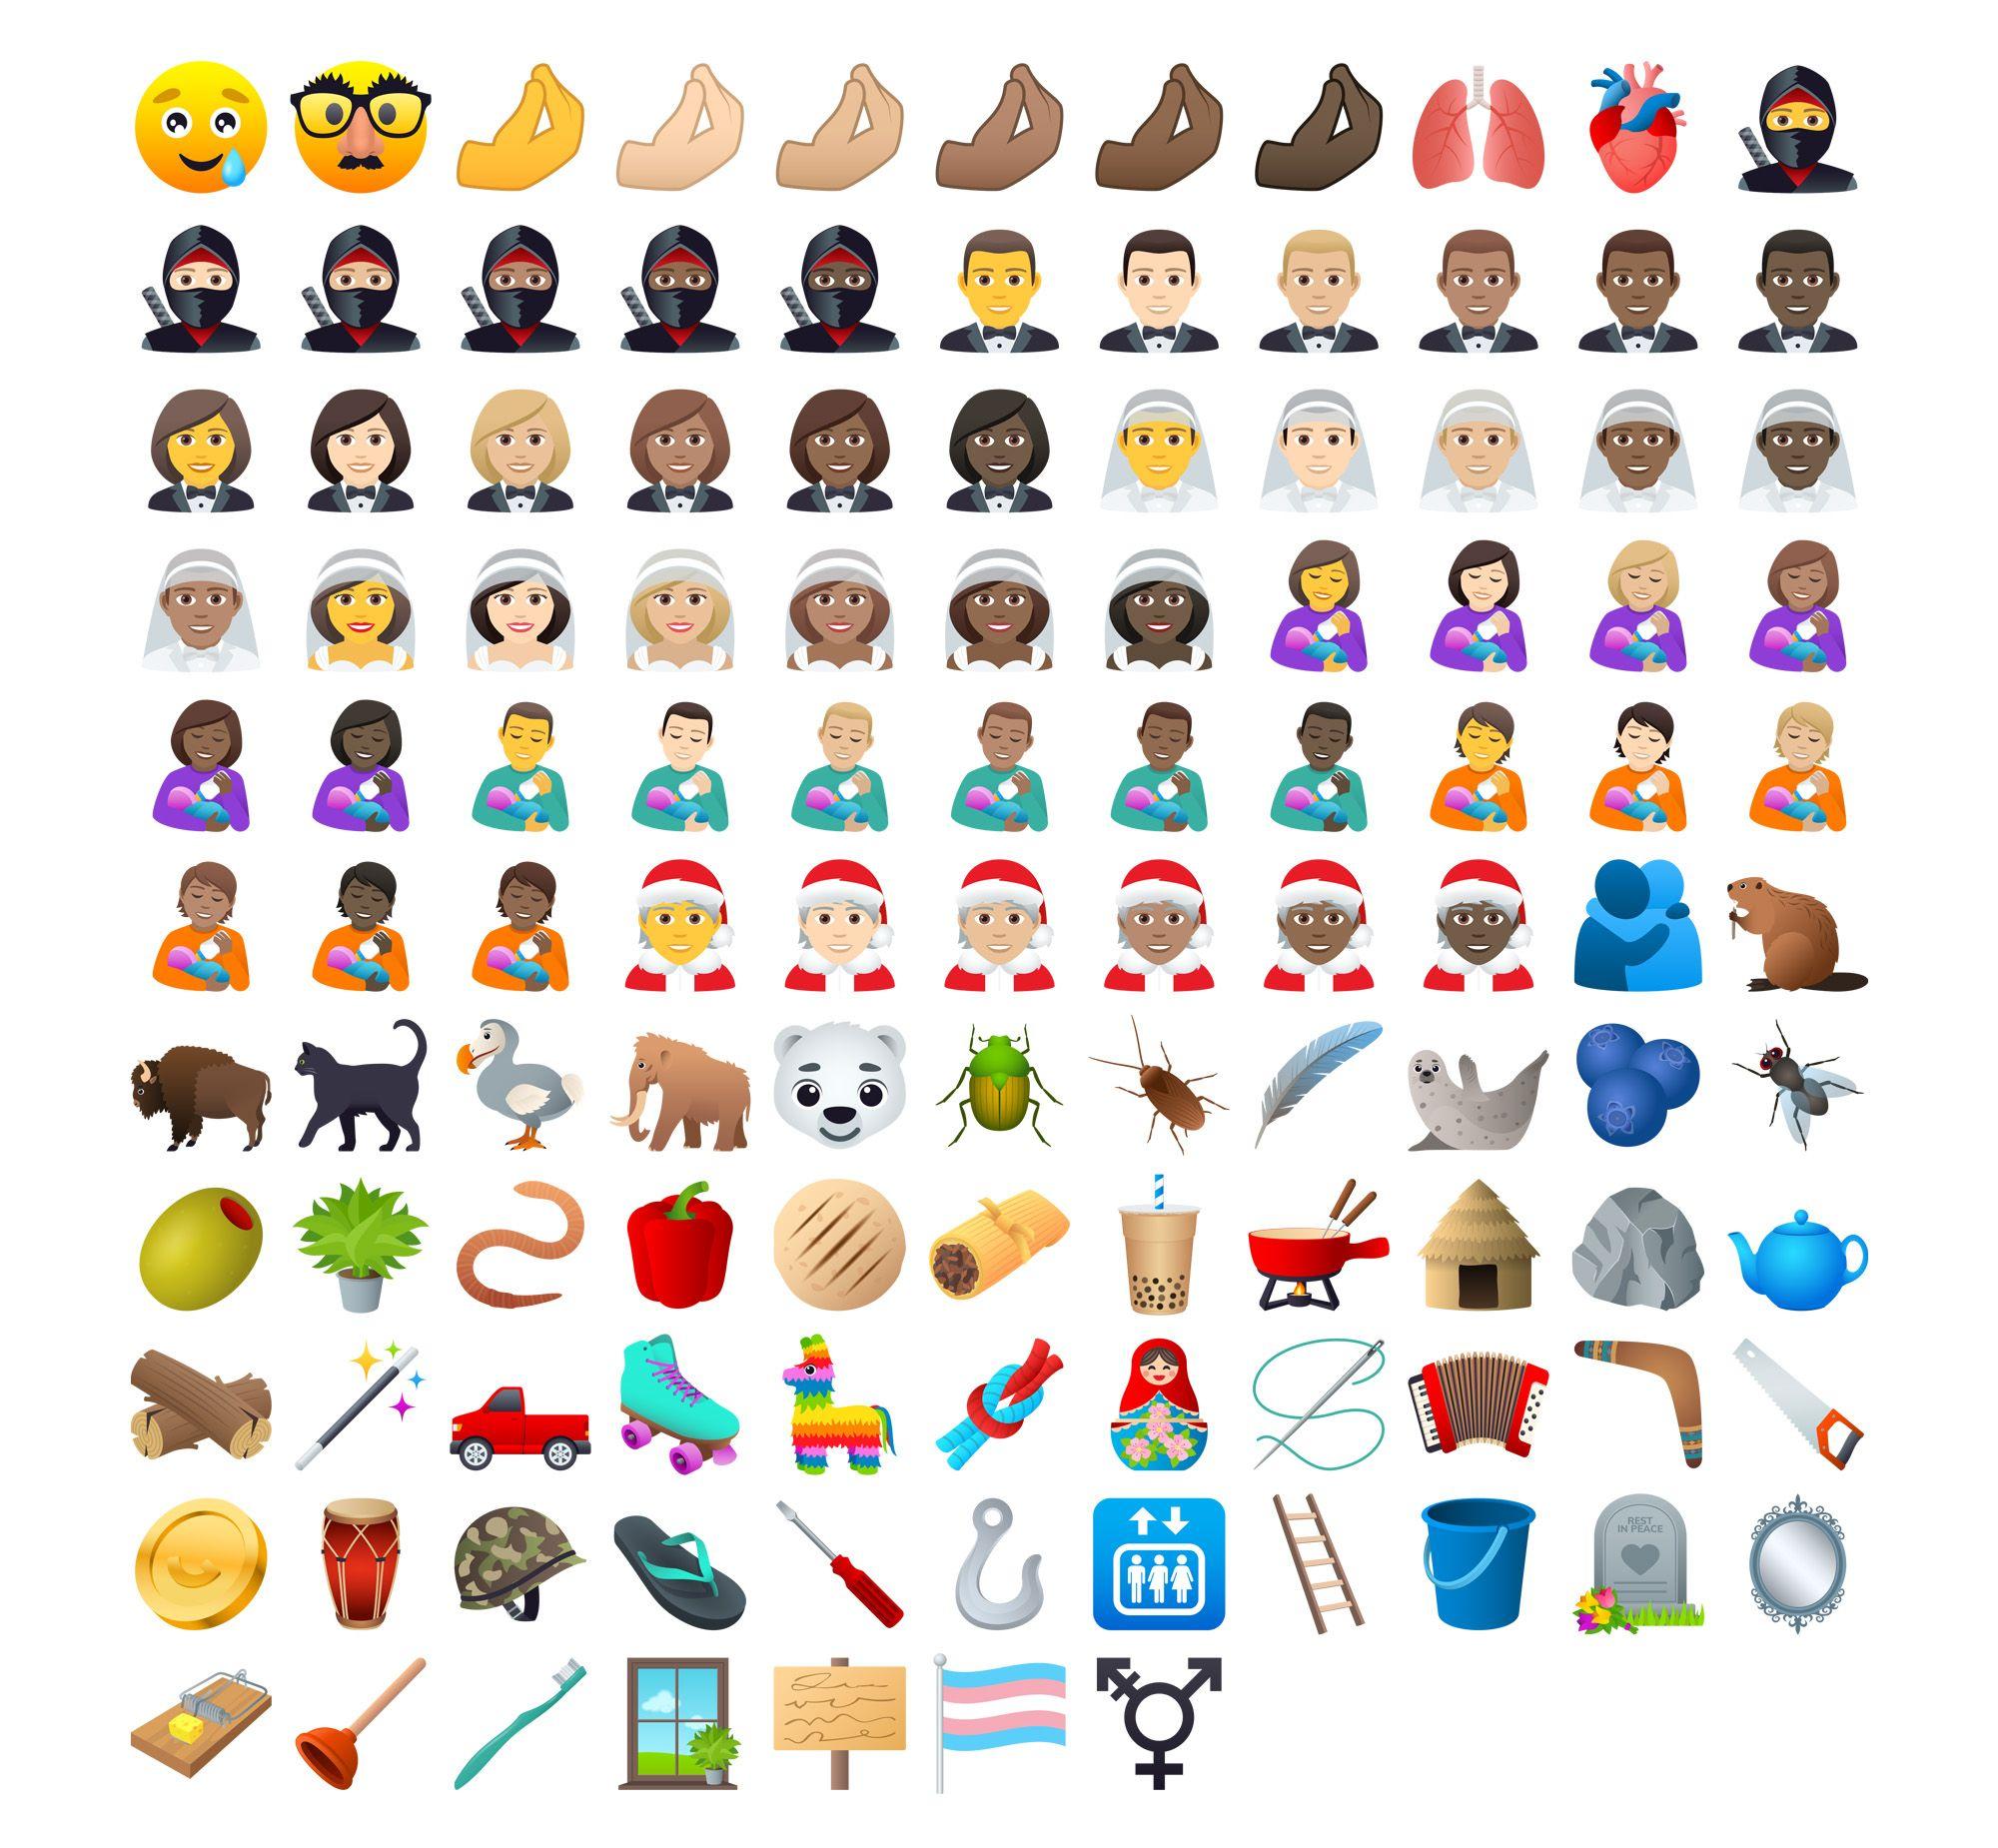 Emojipedia-JoyPixels-6.0-All-New-Emojis